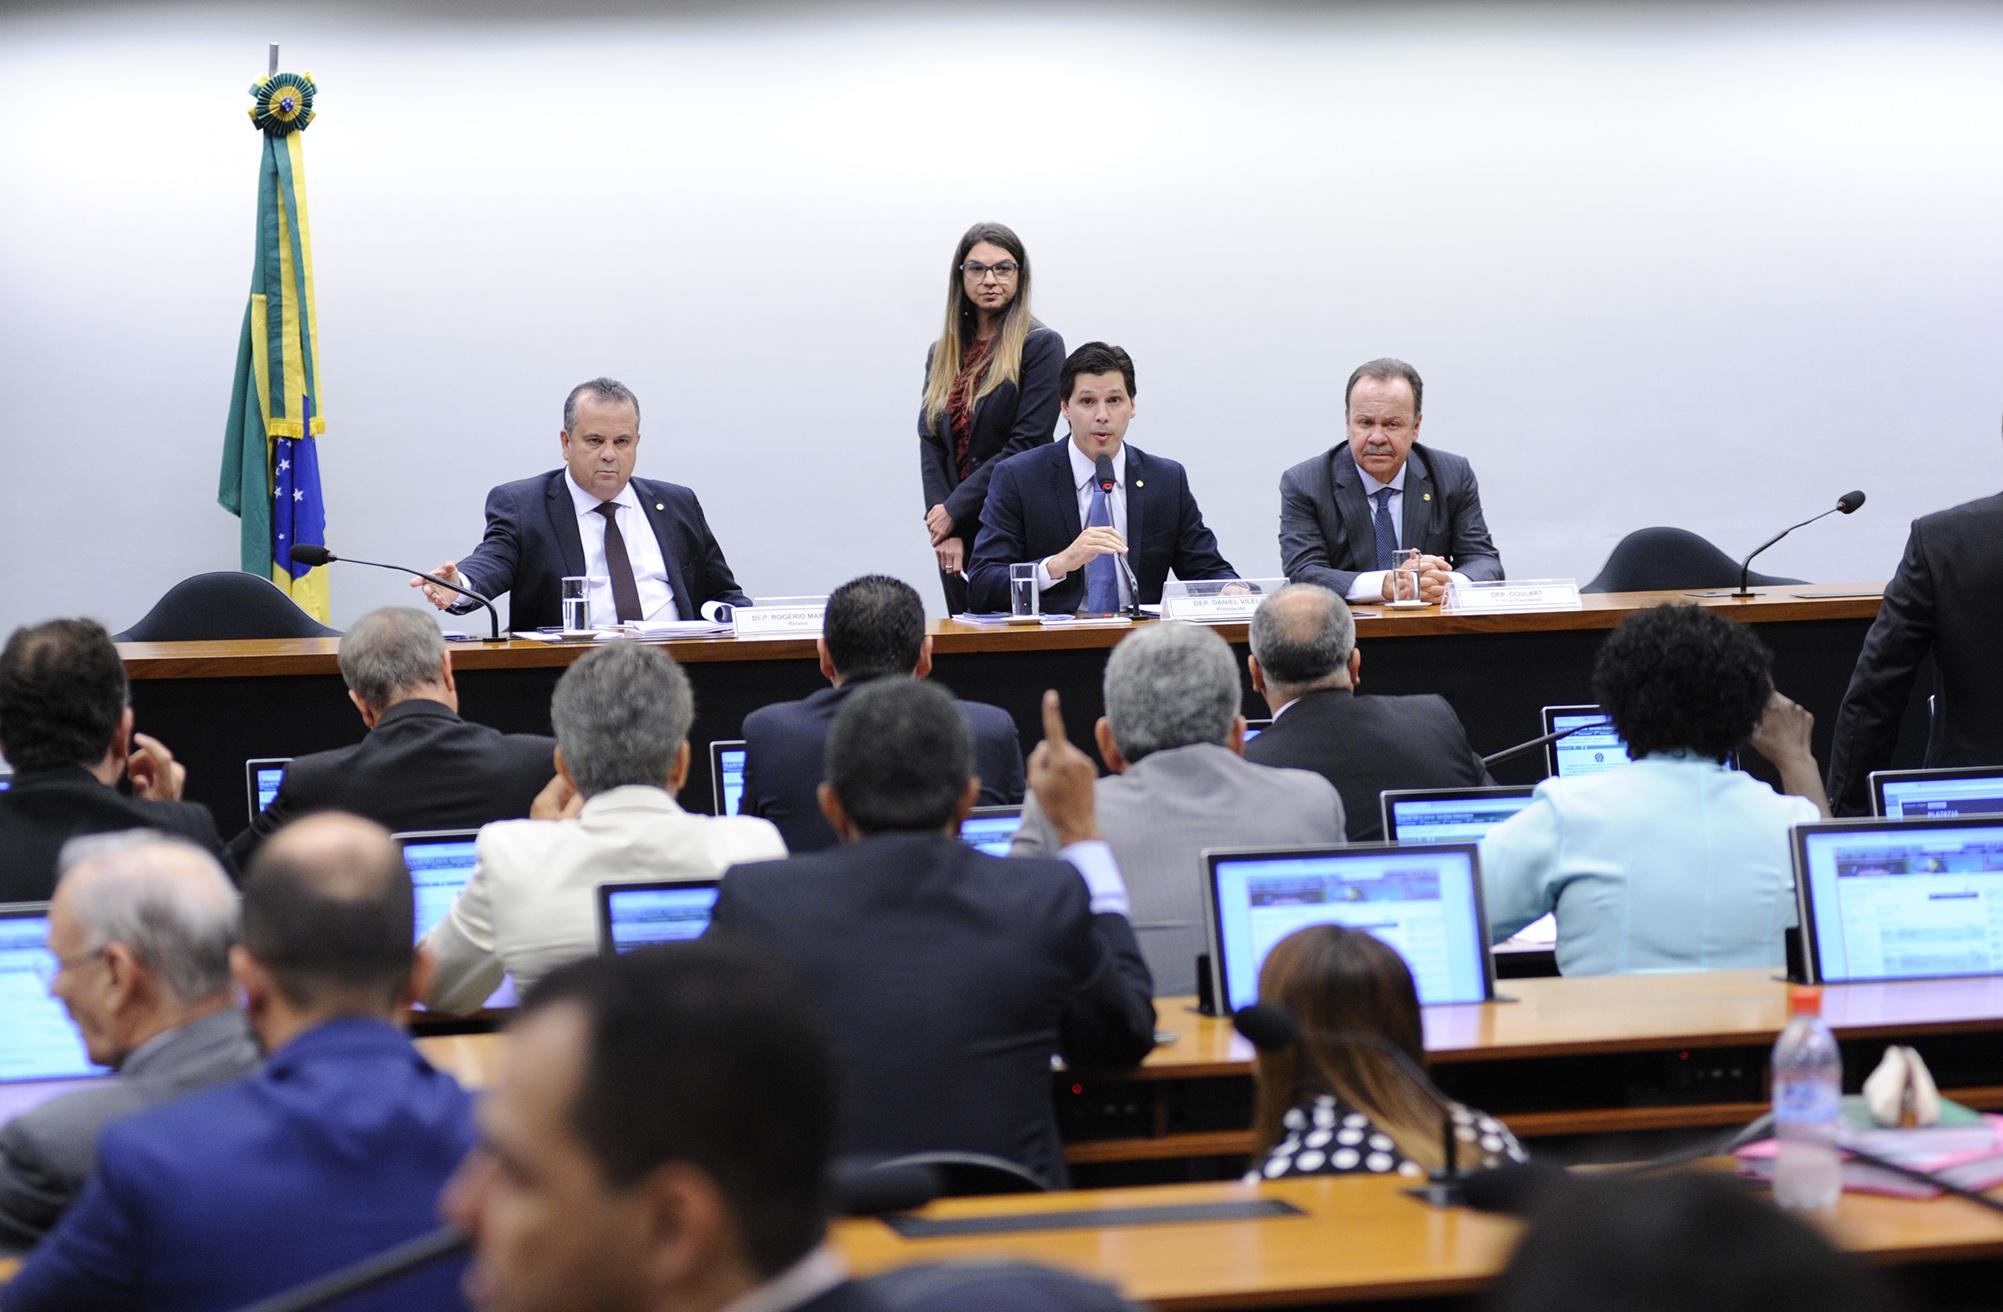 Reunião ordinária para apresentação de relatório do dep. Rogério Marinho (PSDB-RN)